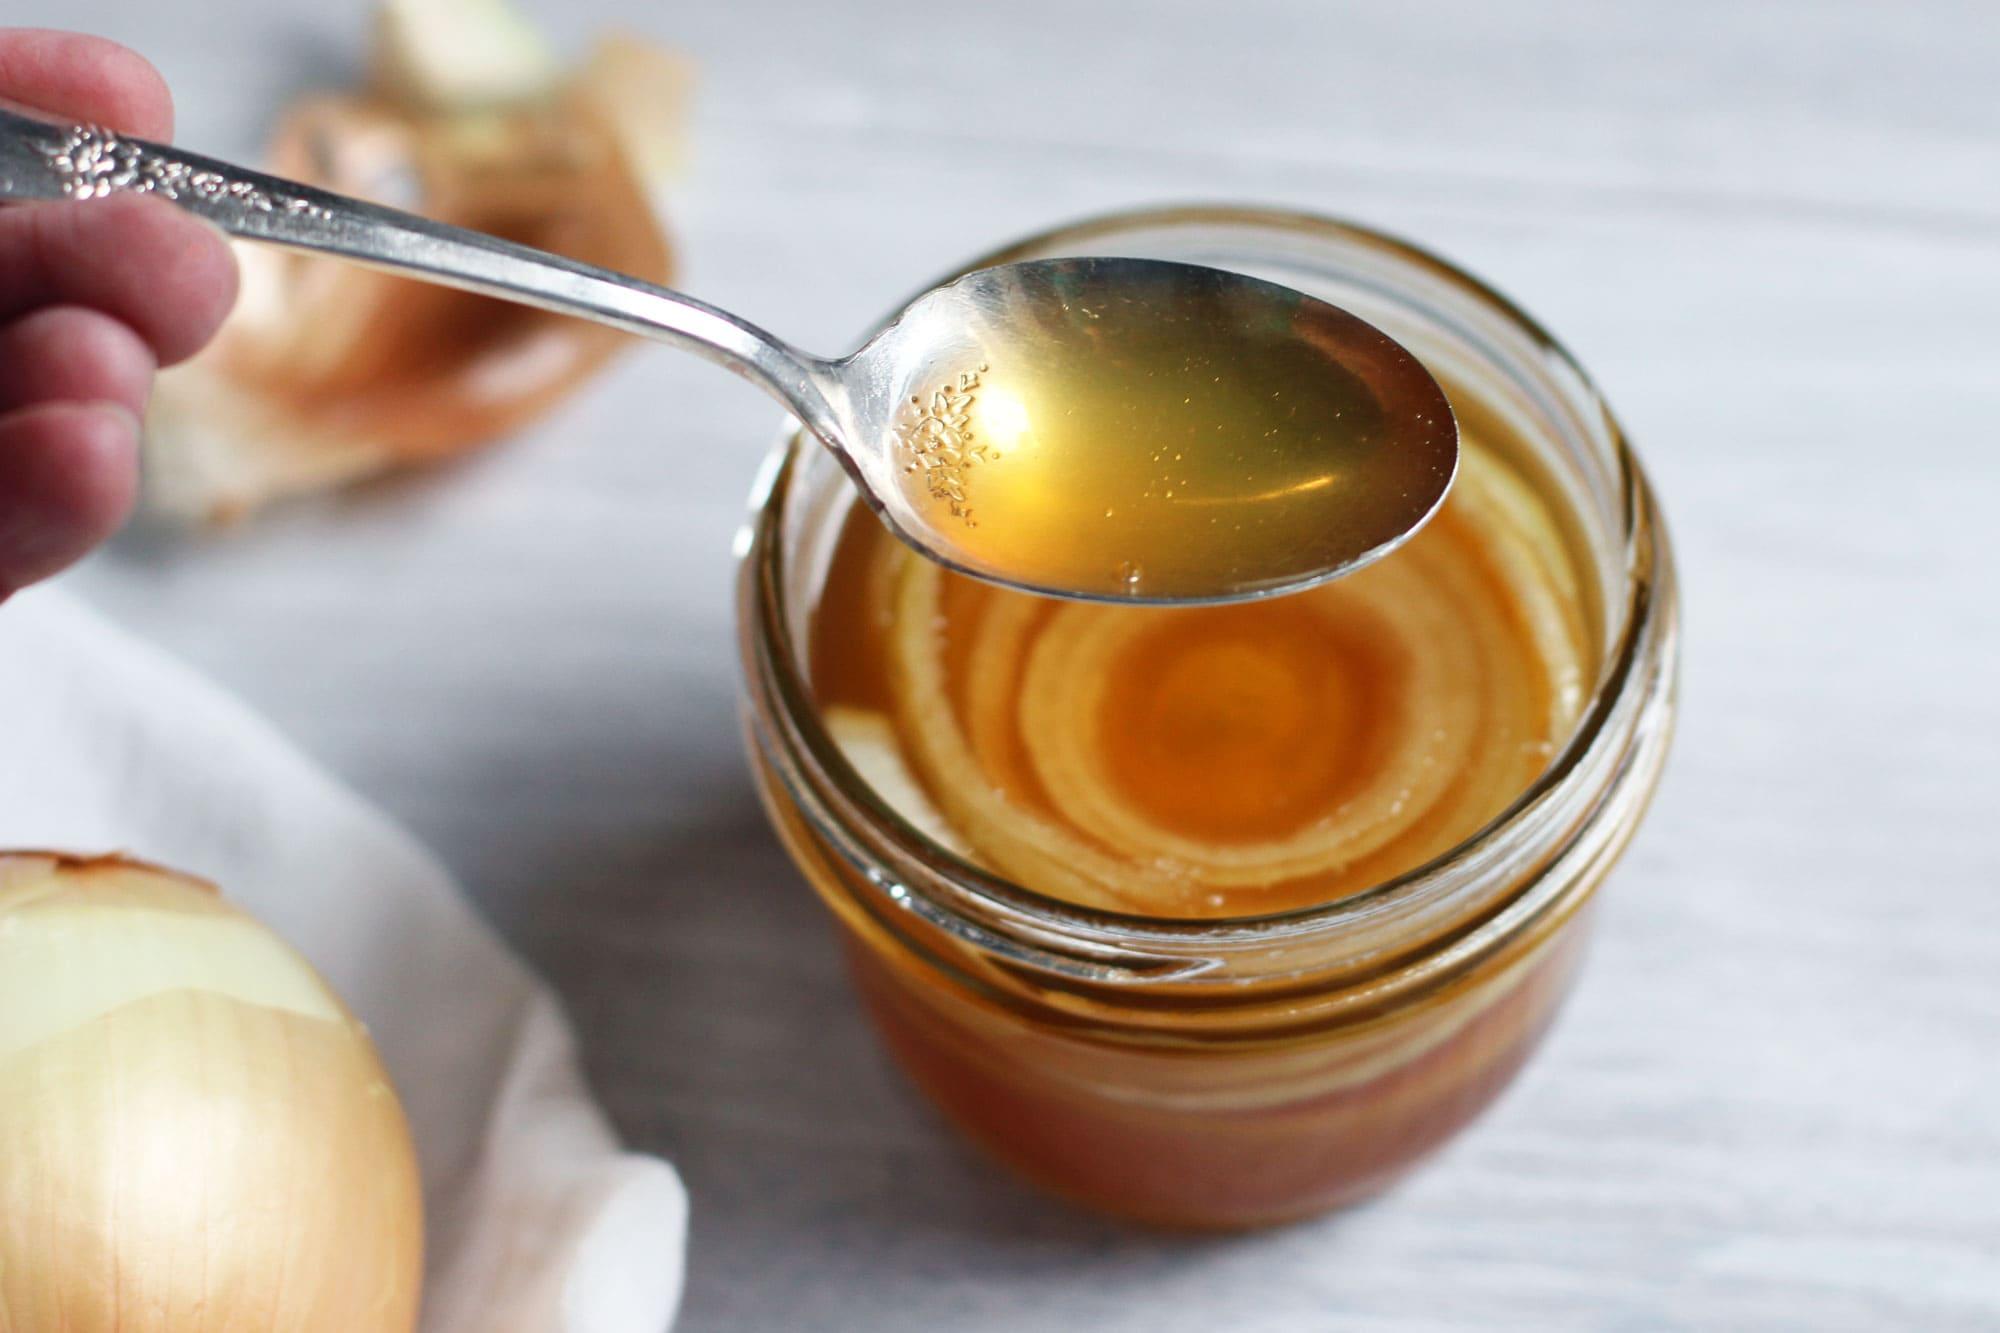 Как варить лук с сахаром от кашля рецепт